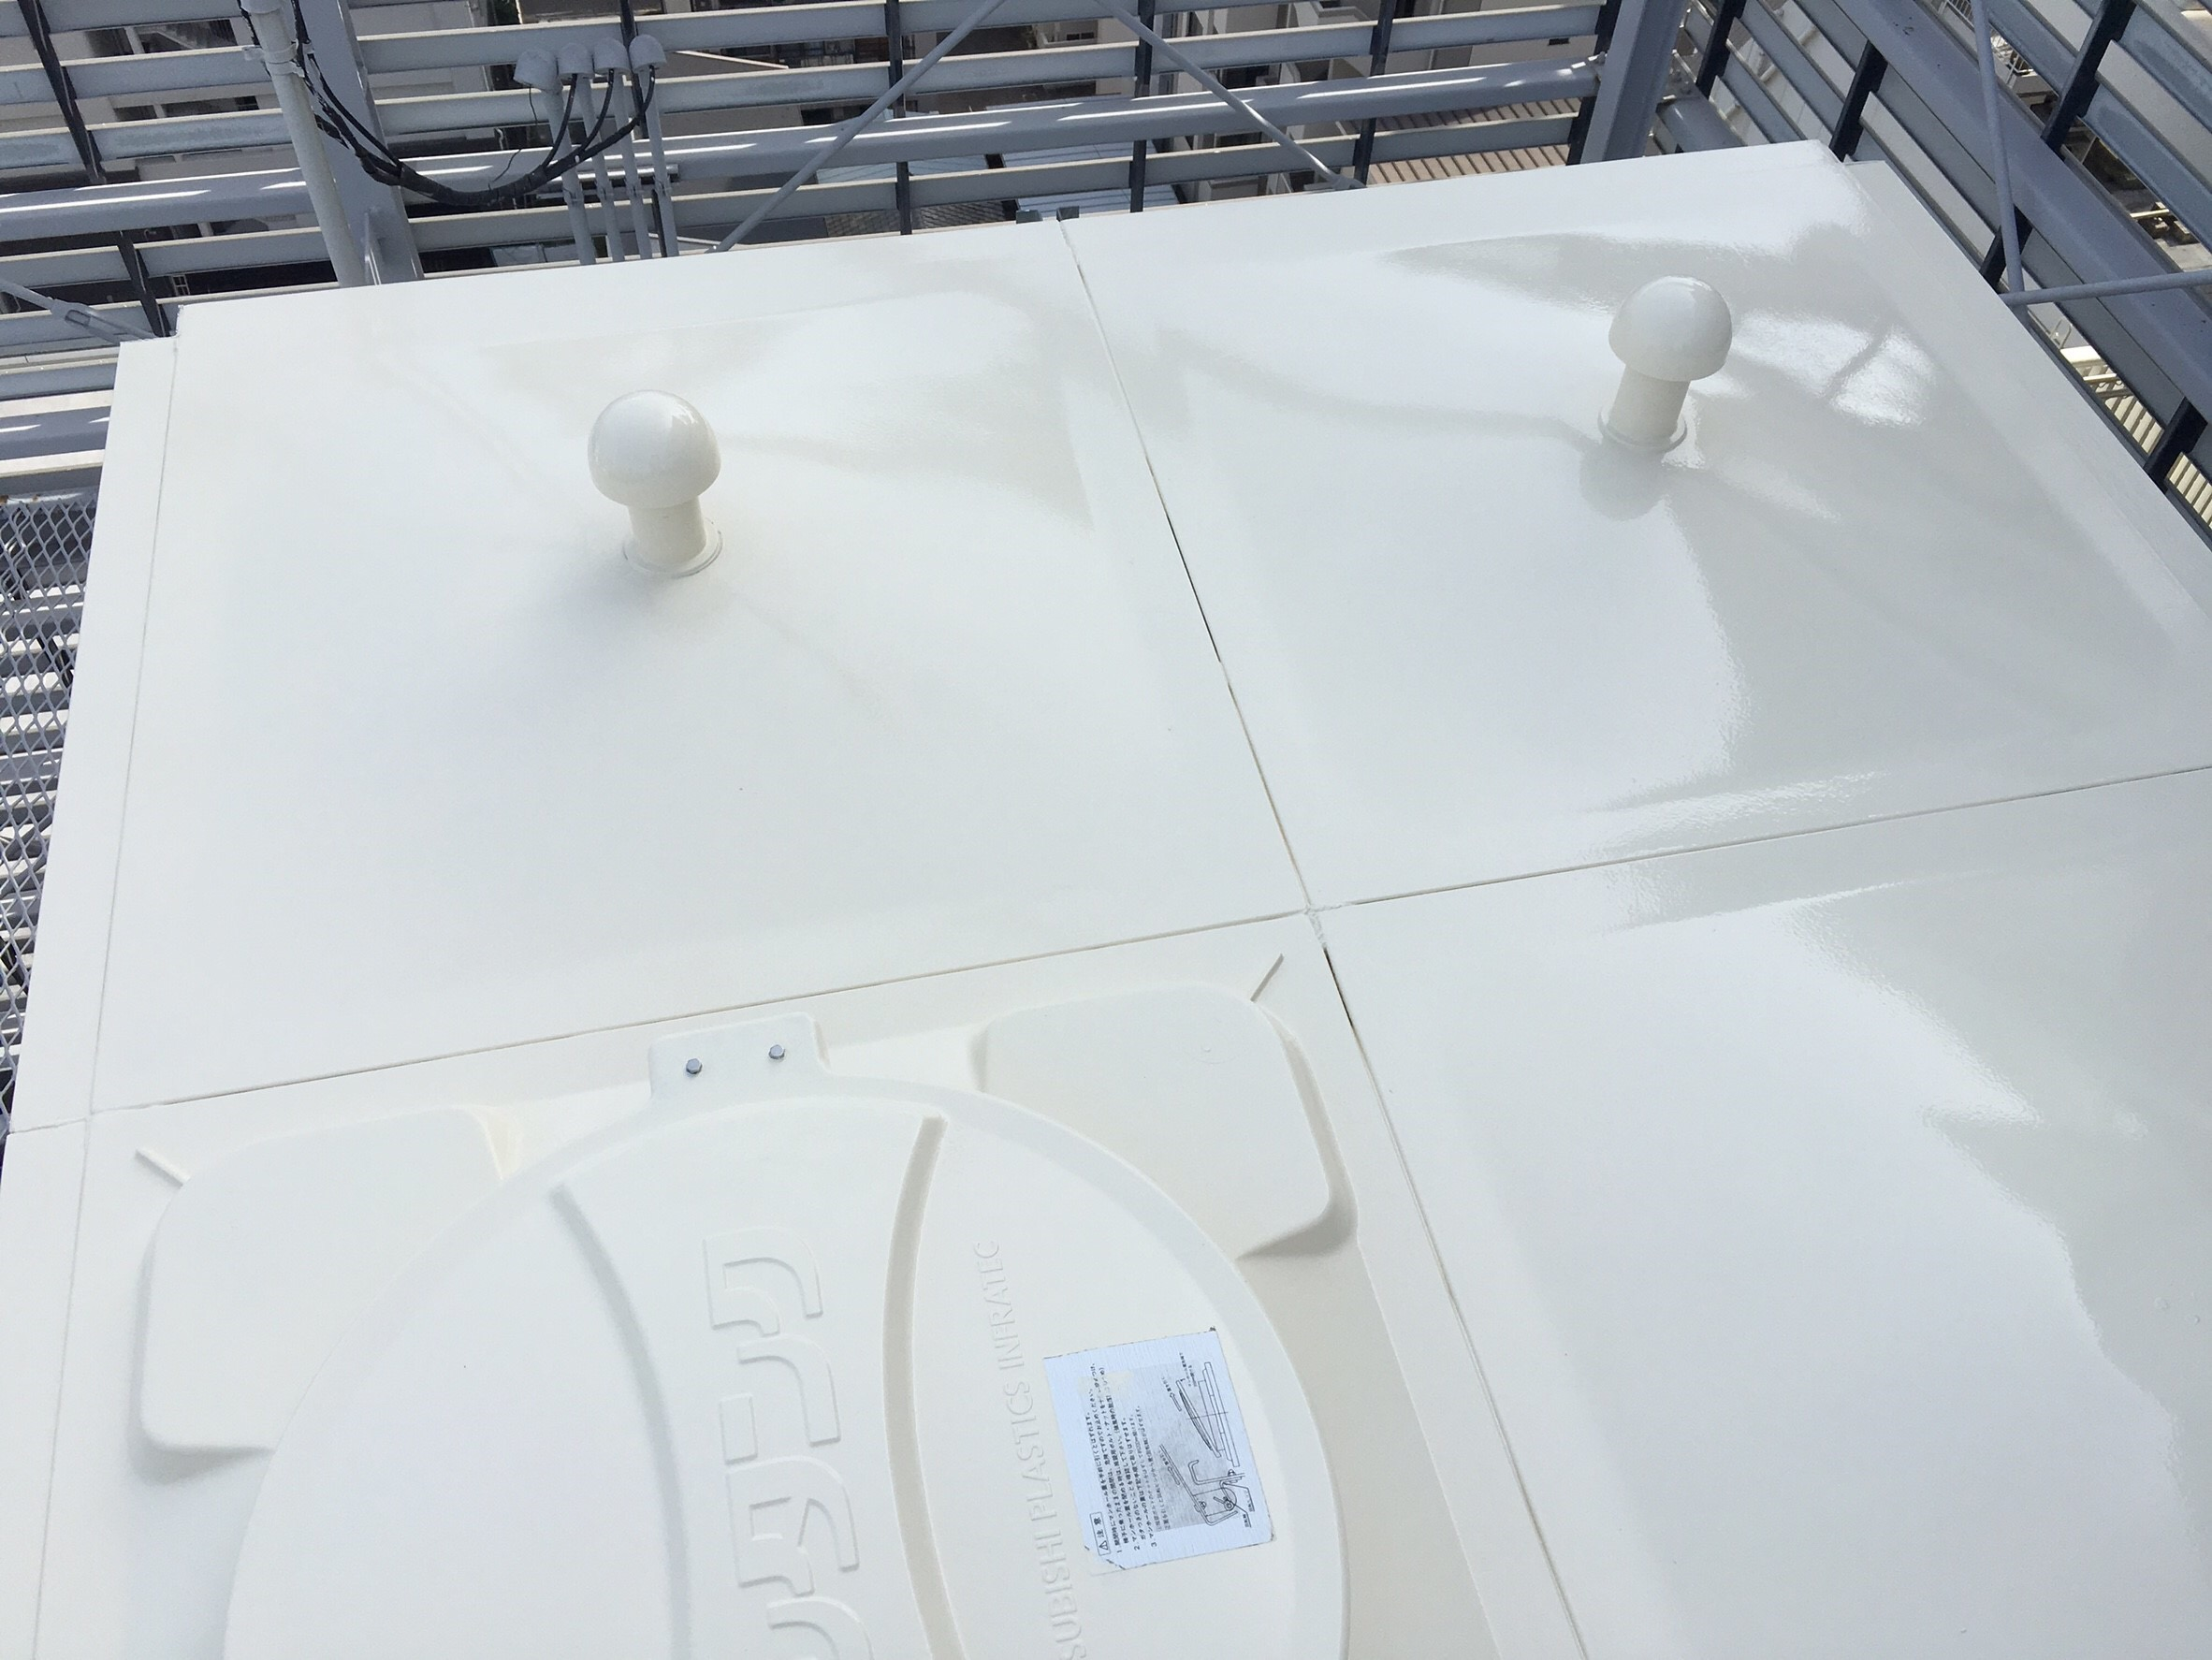 011 タンク改修塗装工事 完了